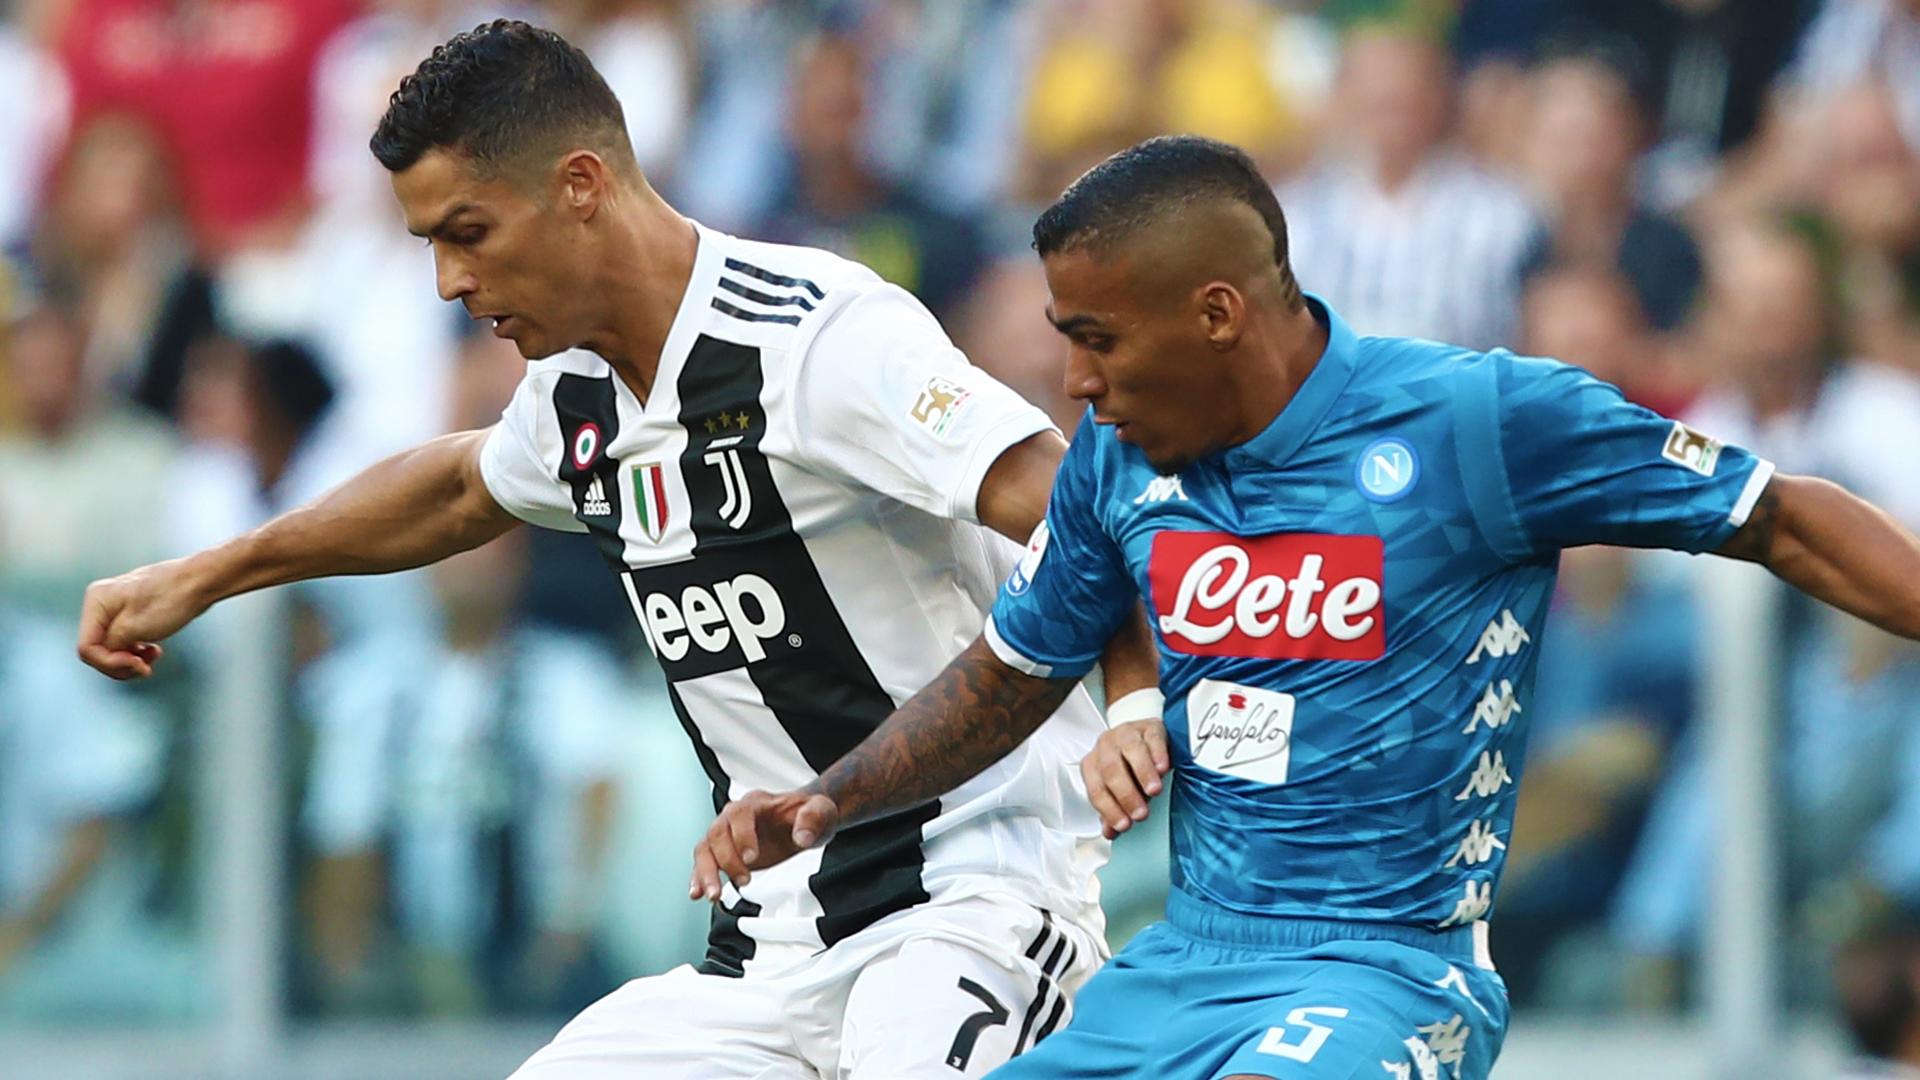 Serie A, ecco i primi anticipi e posticipi